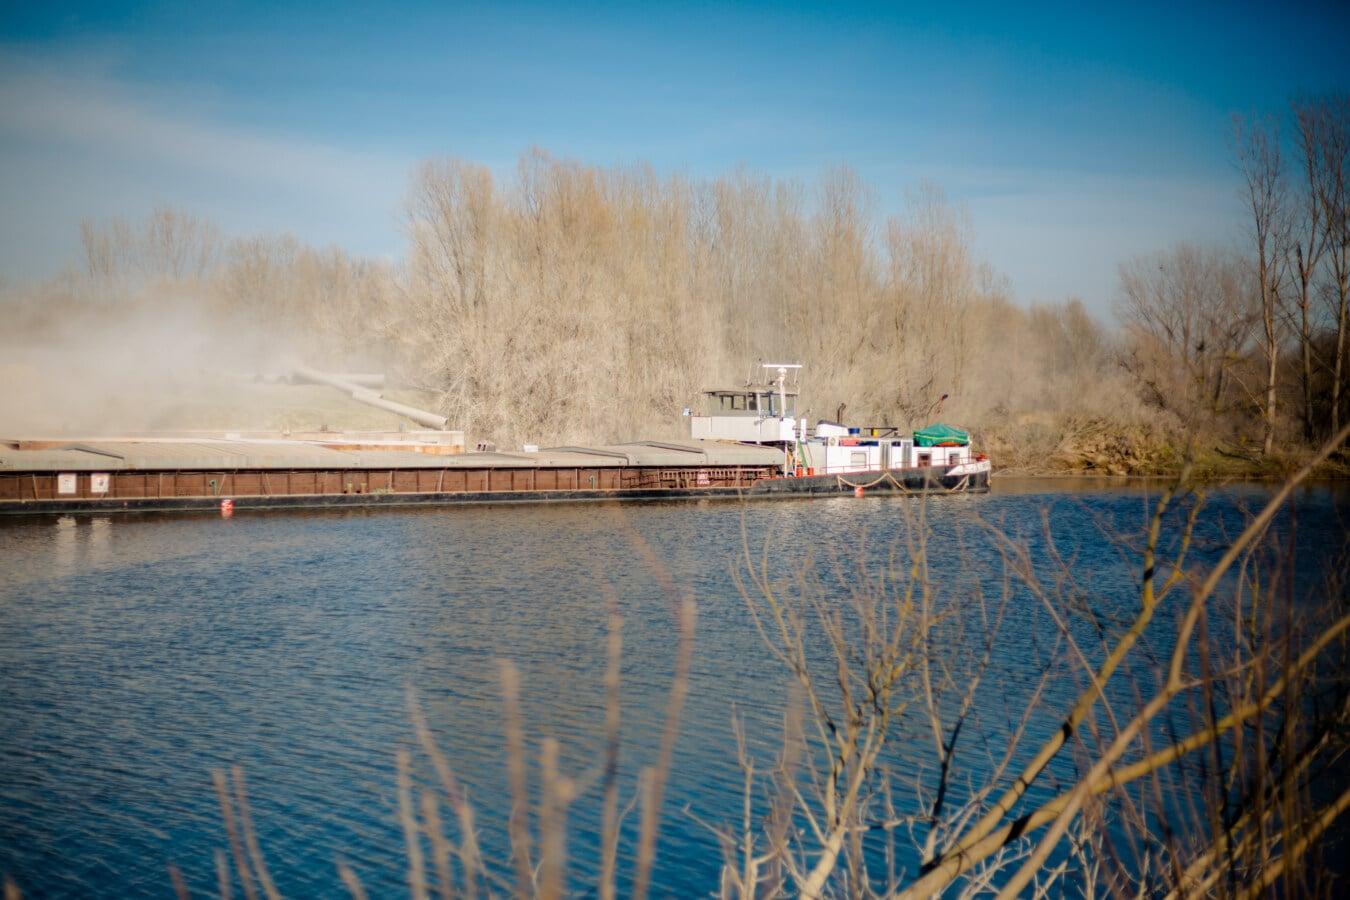 Lastkahn, Frachtschiff, Fracht, Hafen, Staub, Werft, schwere, Schiff, Landschaft, Wasser